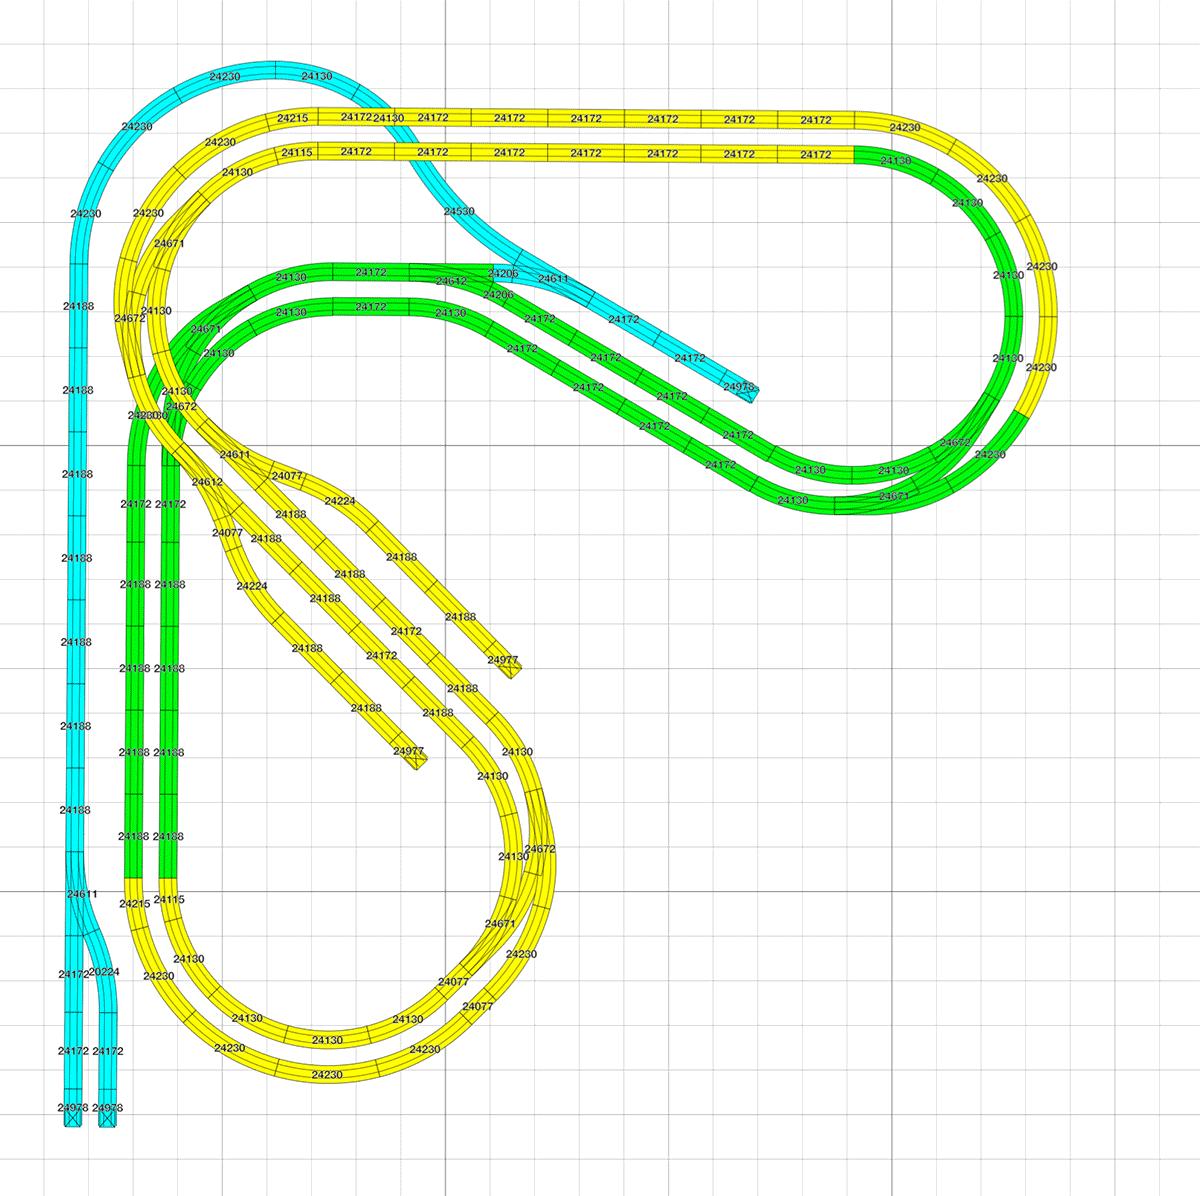 Kleiner H0 Gleisplan mit Pendelstreckein L Form ca. 2,4 x 2,5 m 2